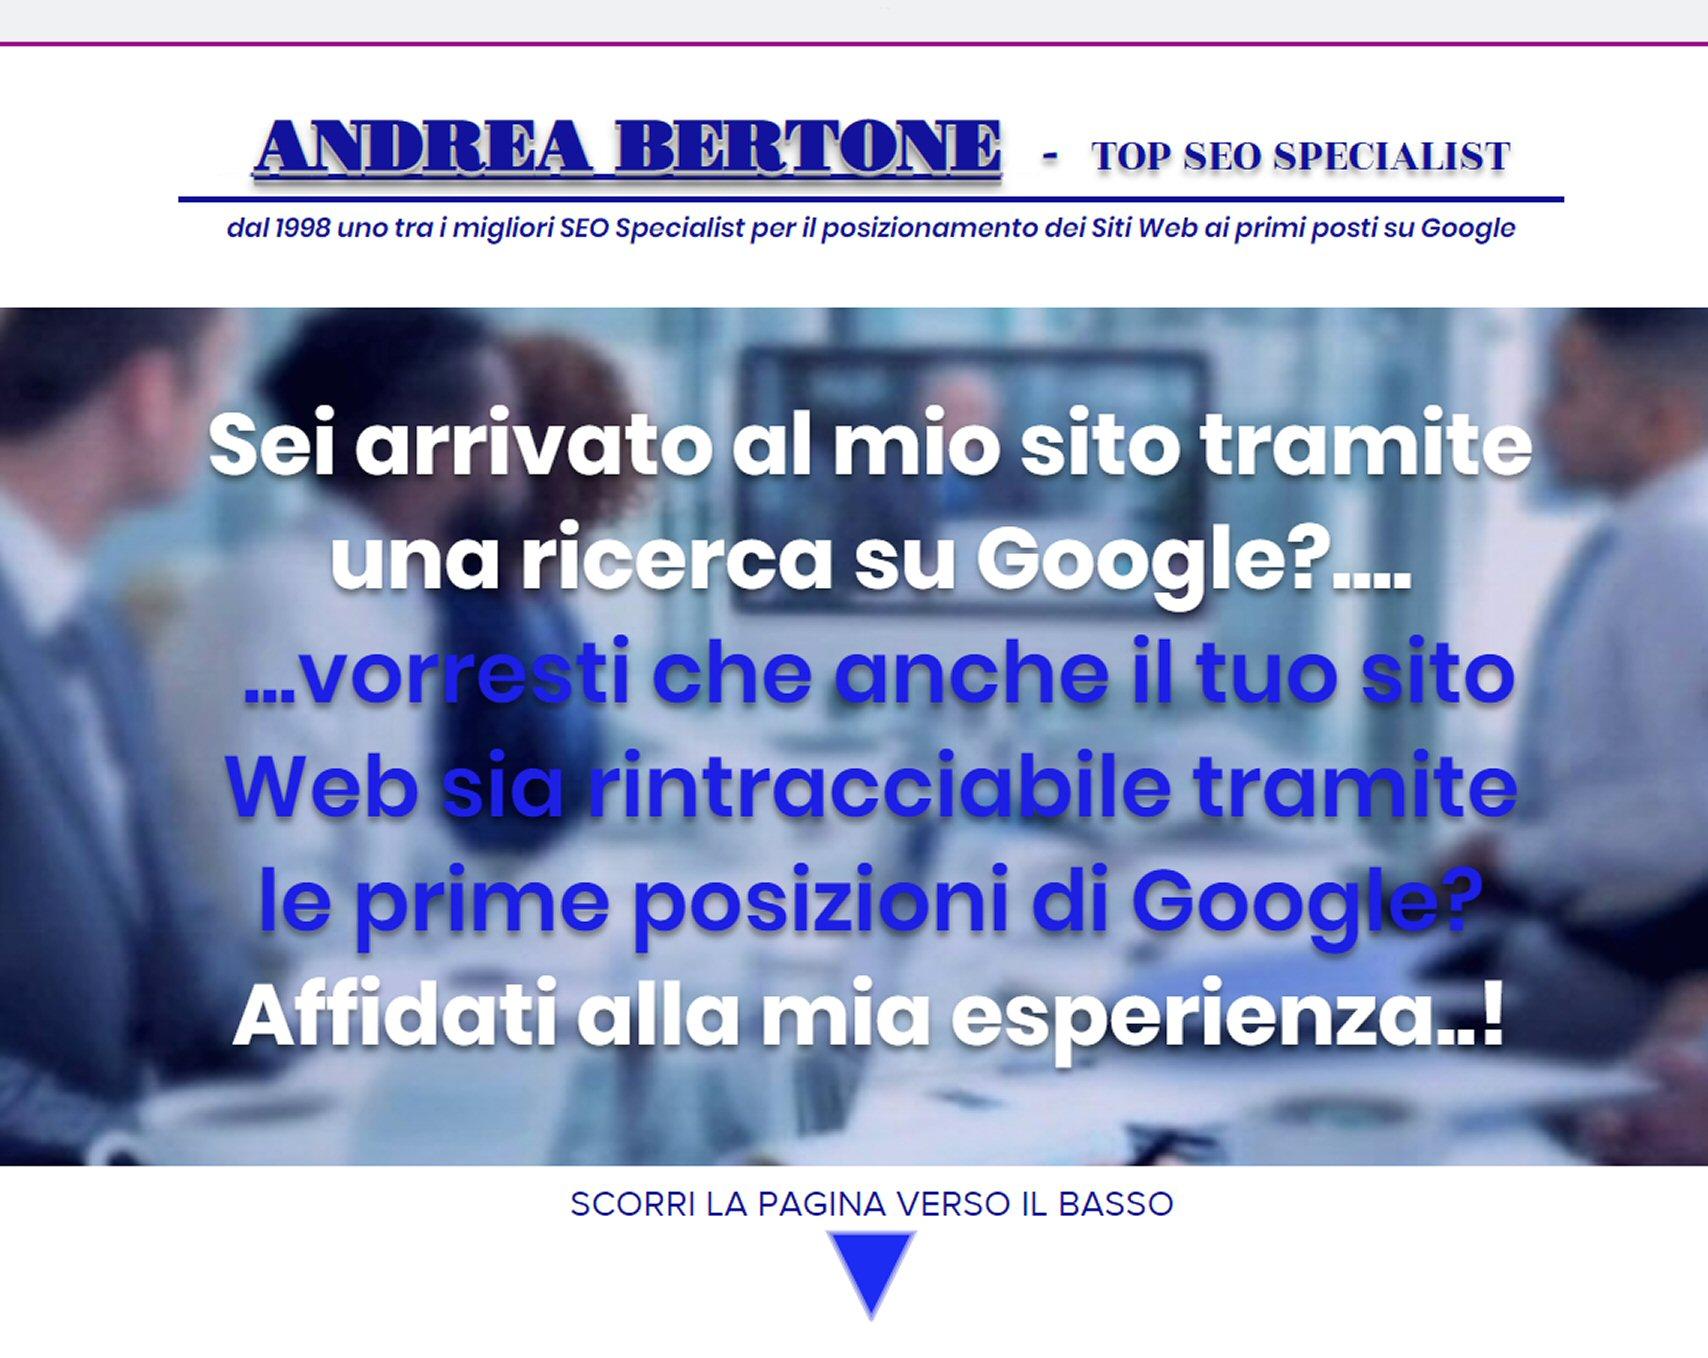 ANDREA BERTONE CONSULENTE SEO TORINO